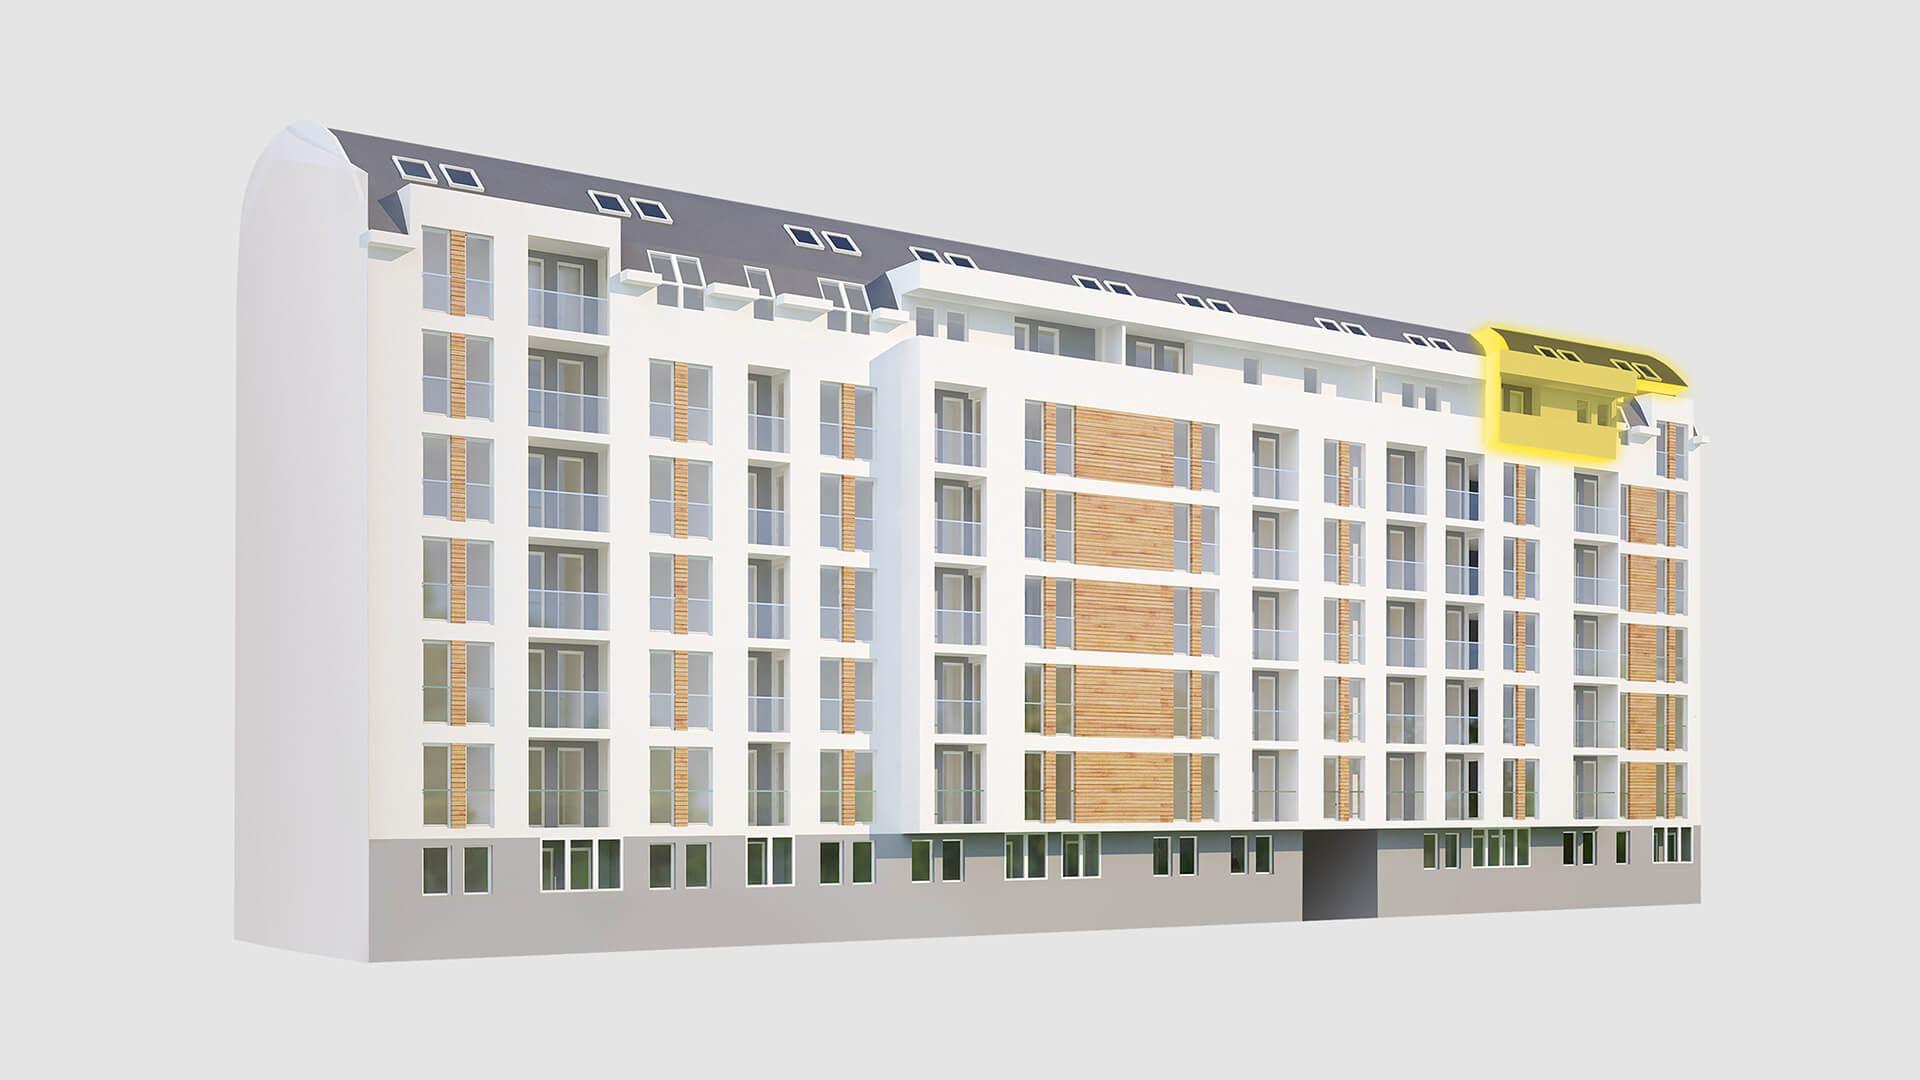 Prodaja stanova Novi Sad direktno od investitora